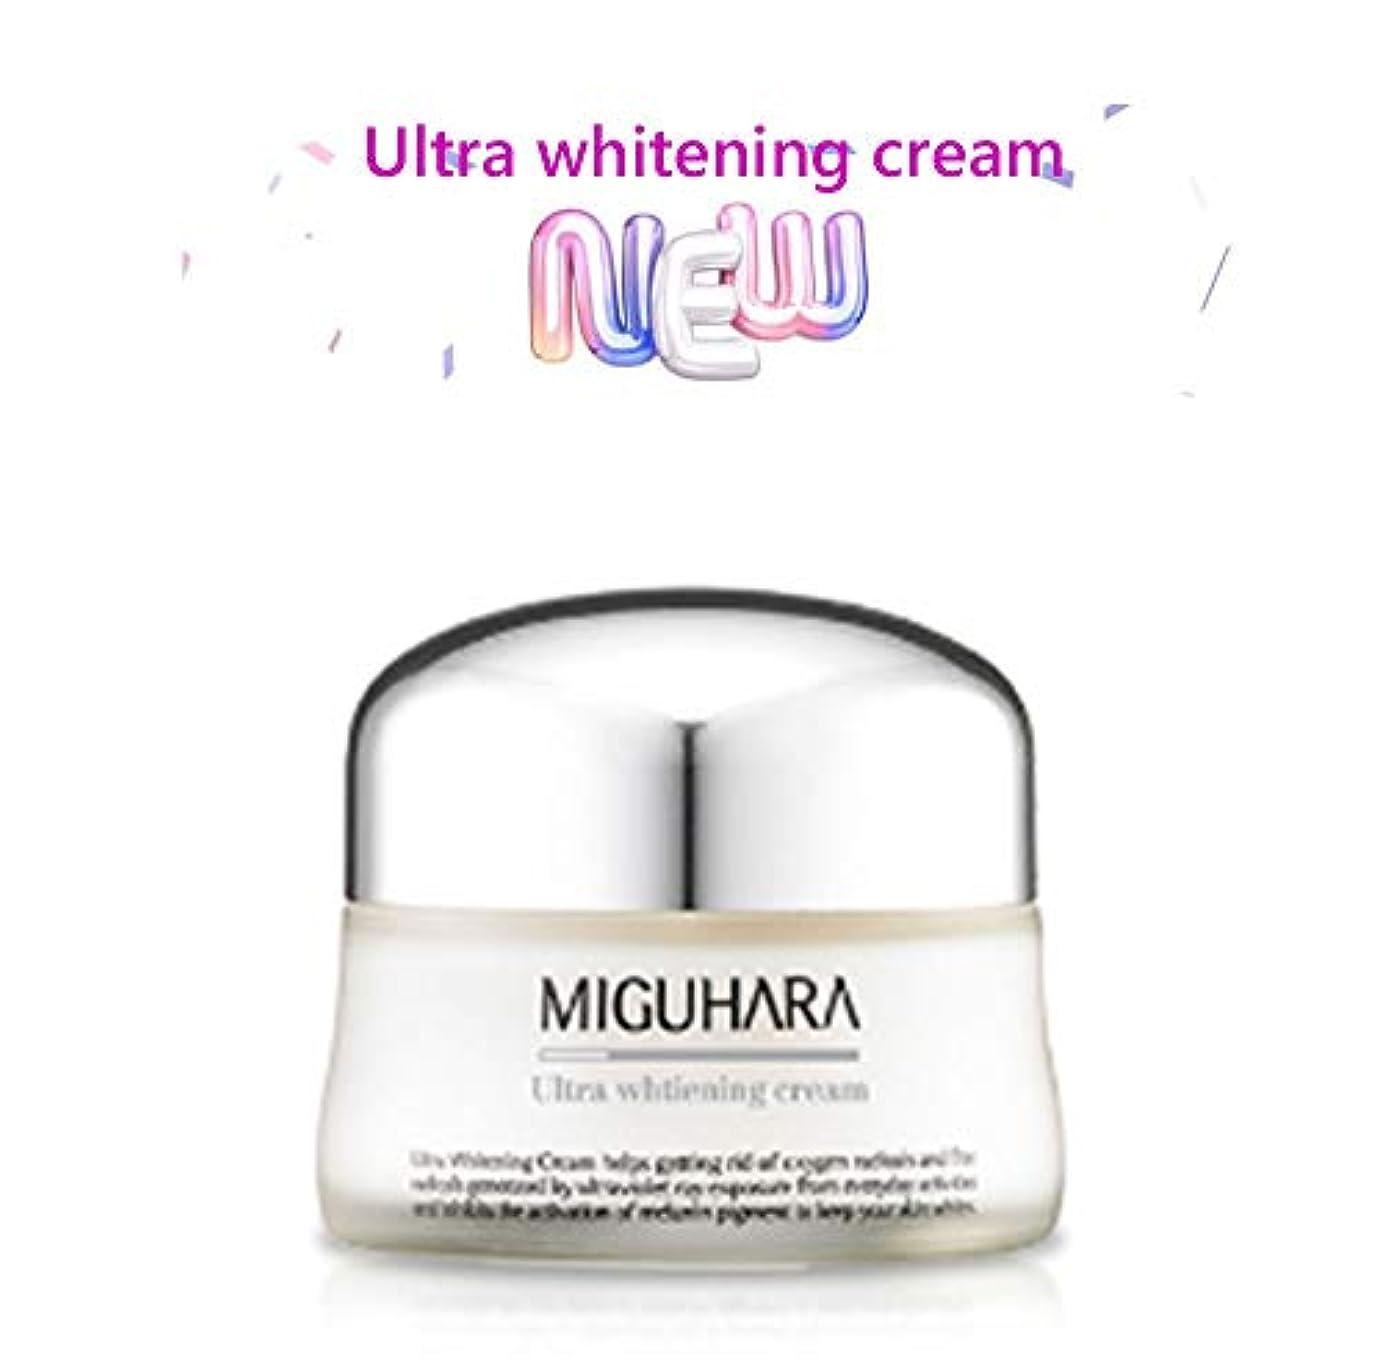 ブラウス申し立てる船乗りMIGUHARA ウルトラホワイトニングクリーム 50ml /Ultra Whitening Cream 50ml